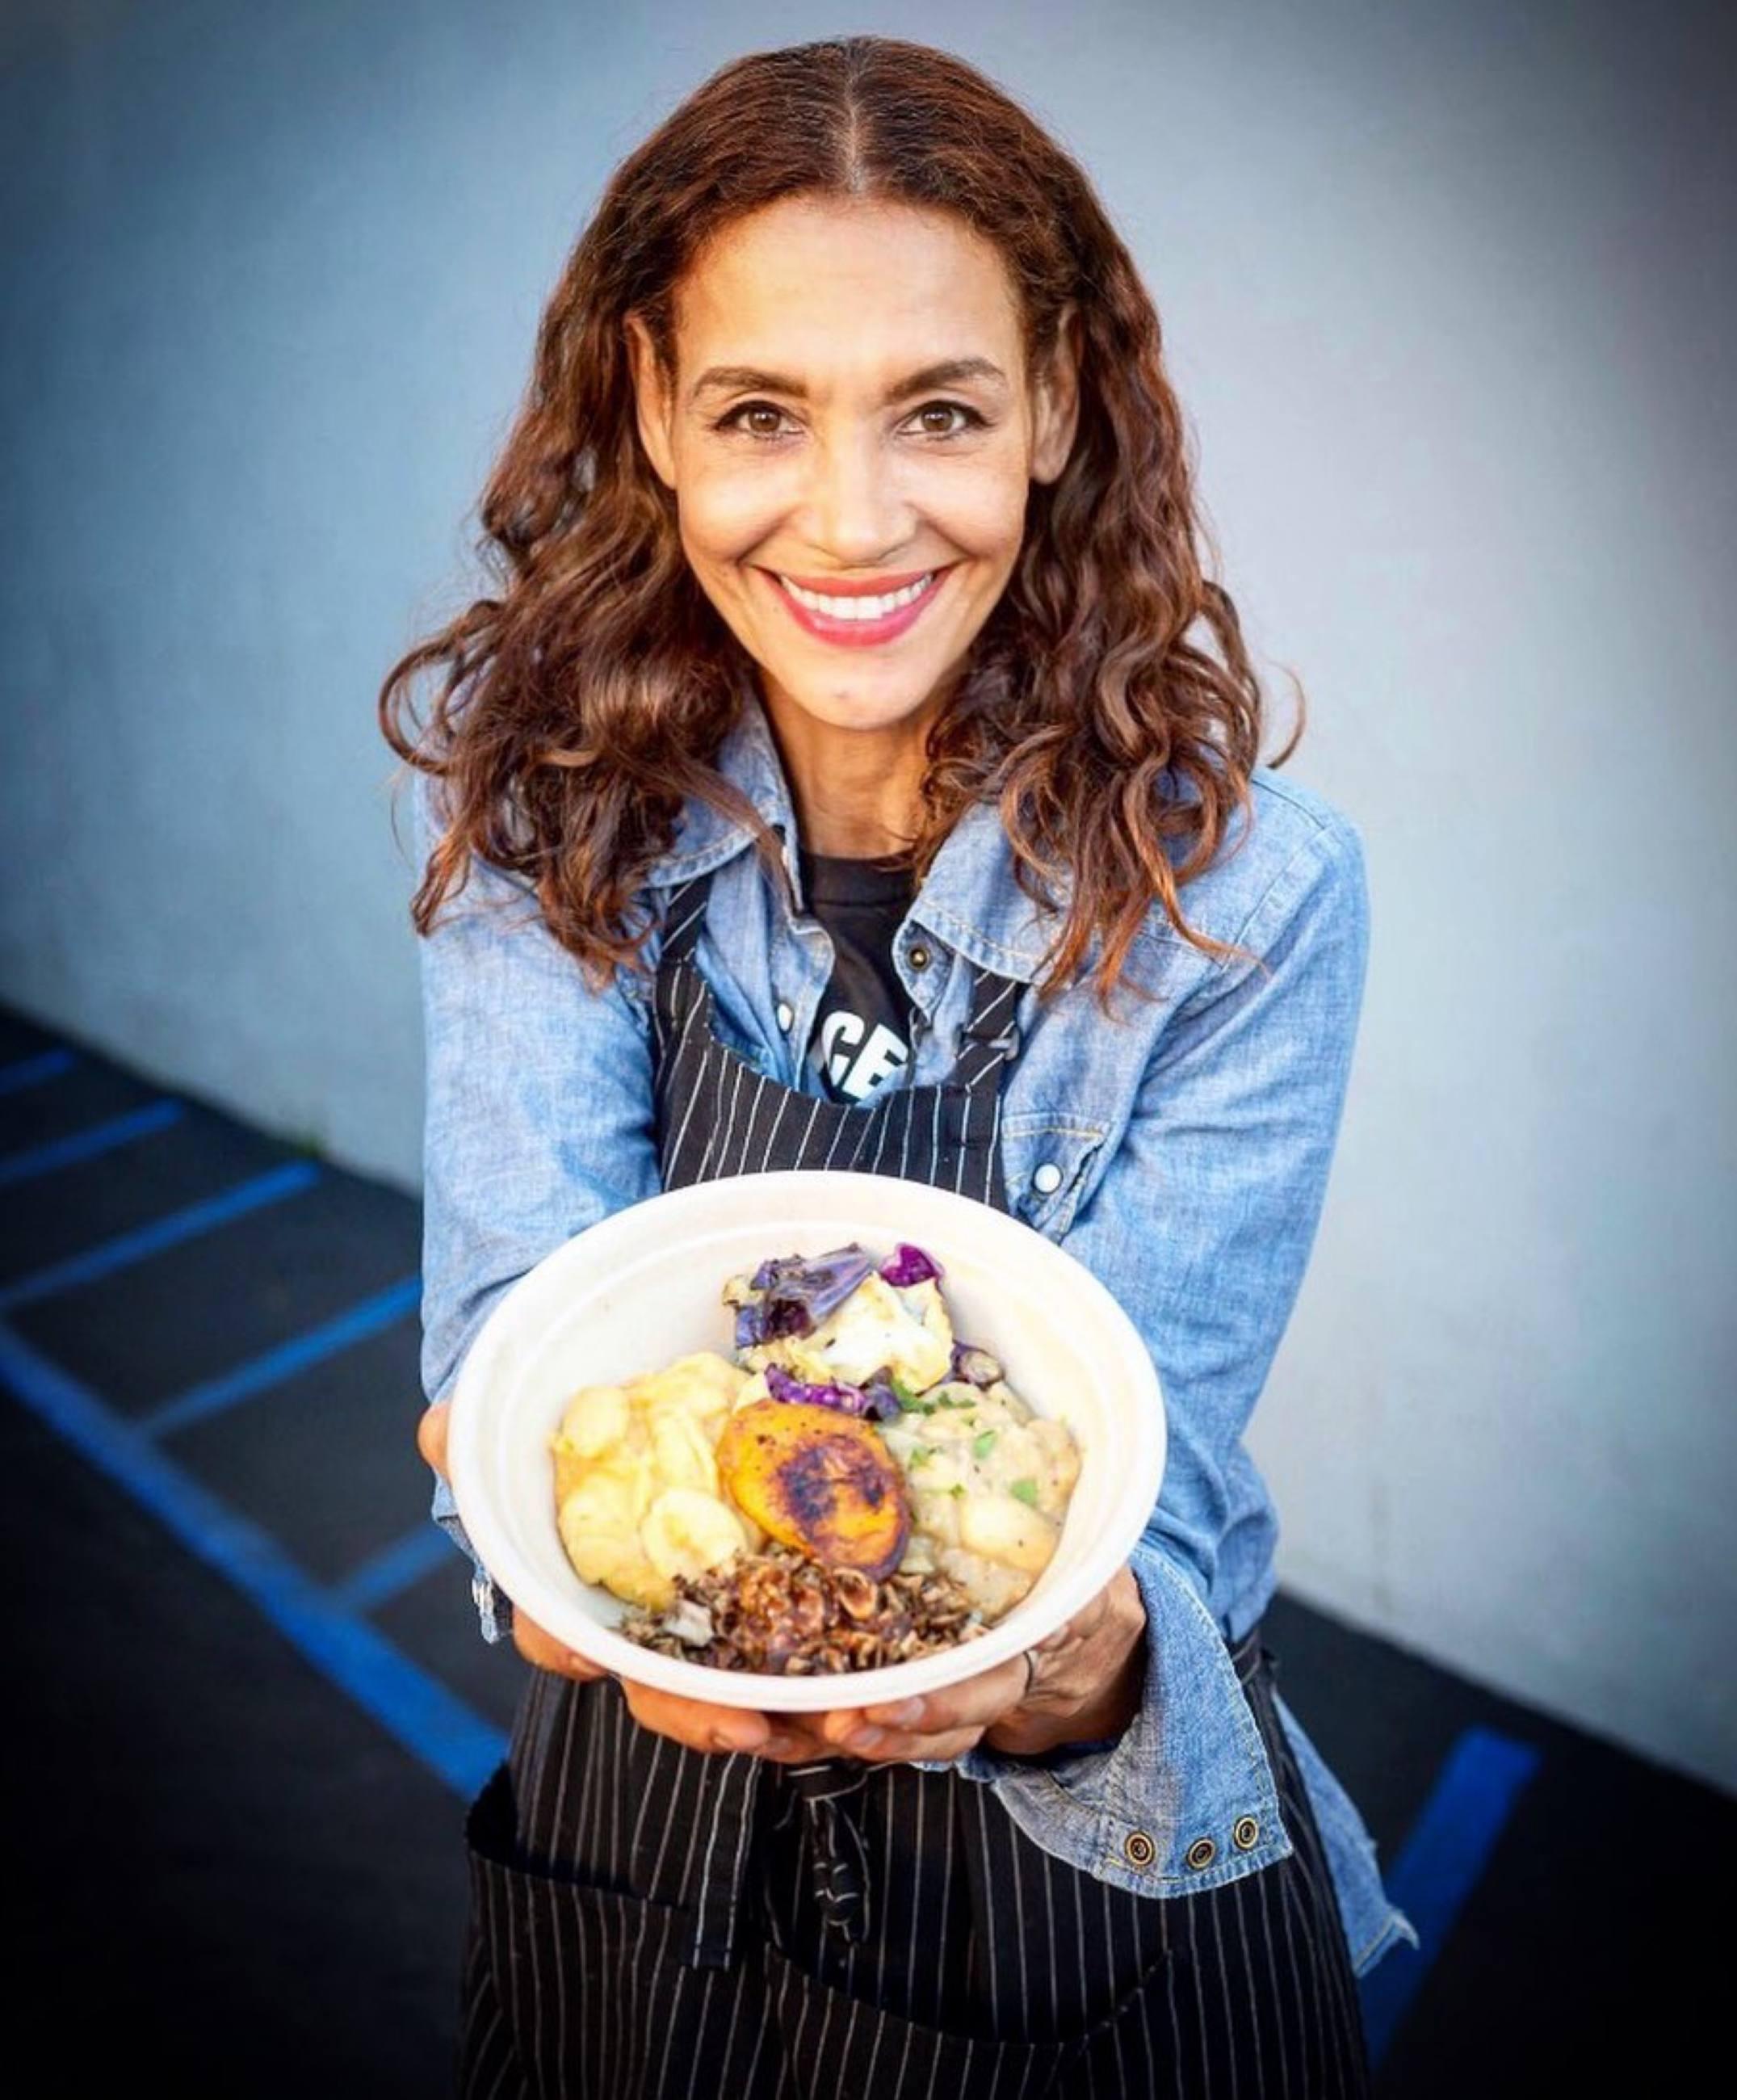 Angela Means with her Jerk Jackfruit Bowl at Jackfruit Cafe